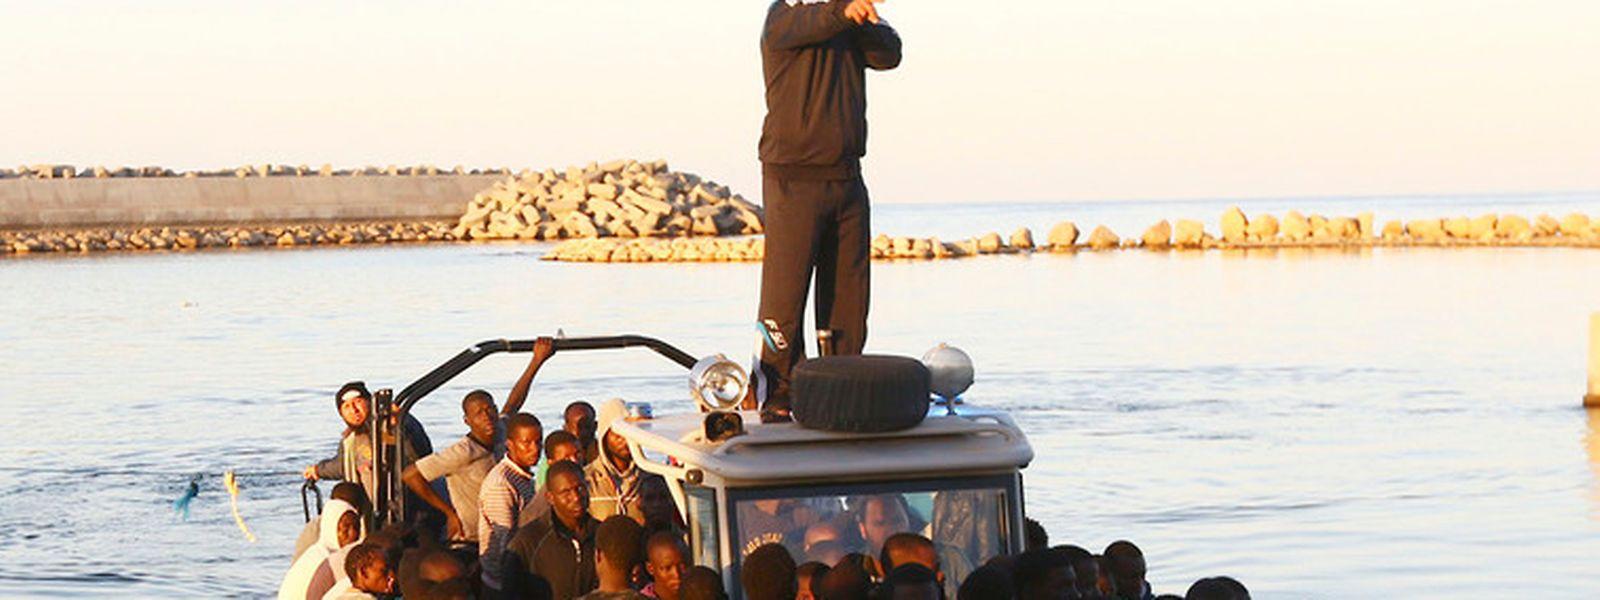 Die Schiffe, mit denen die Flüchtlinge ihr Heil in der Fremde suchen, sind meist seeuntüchtig.